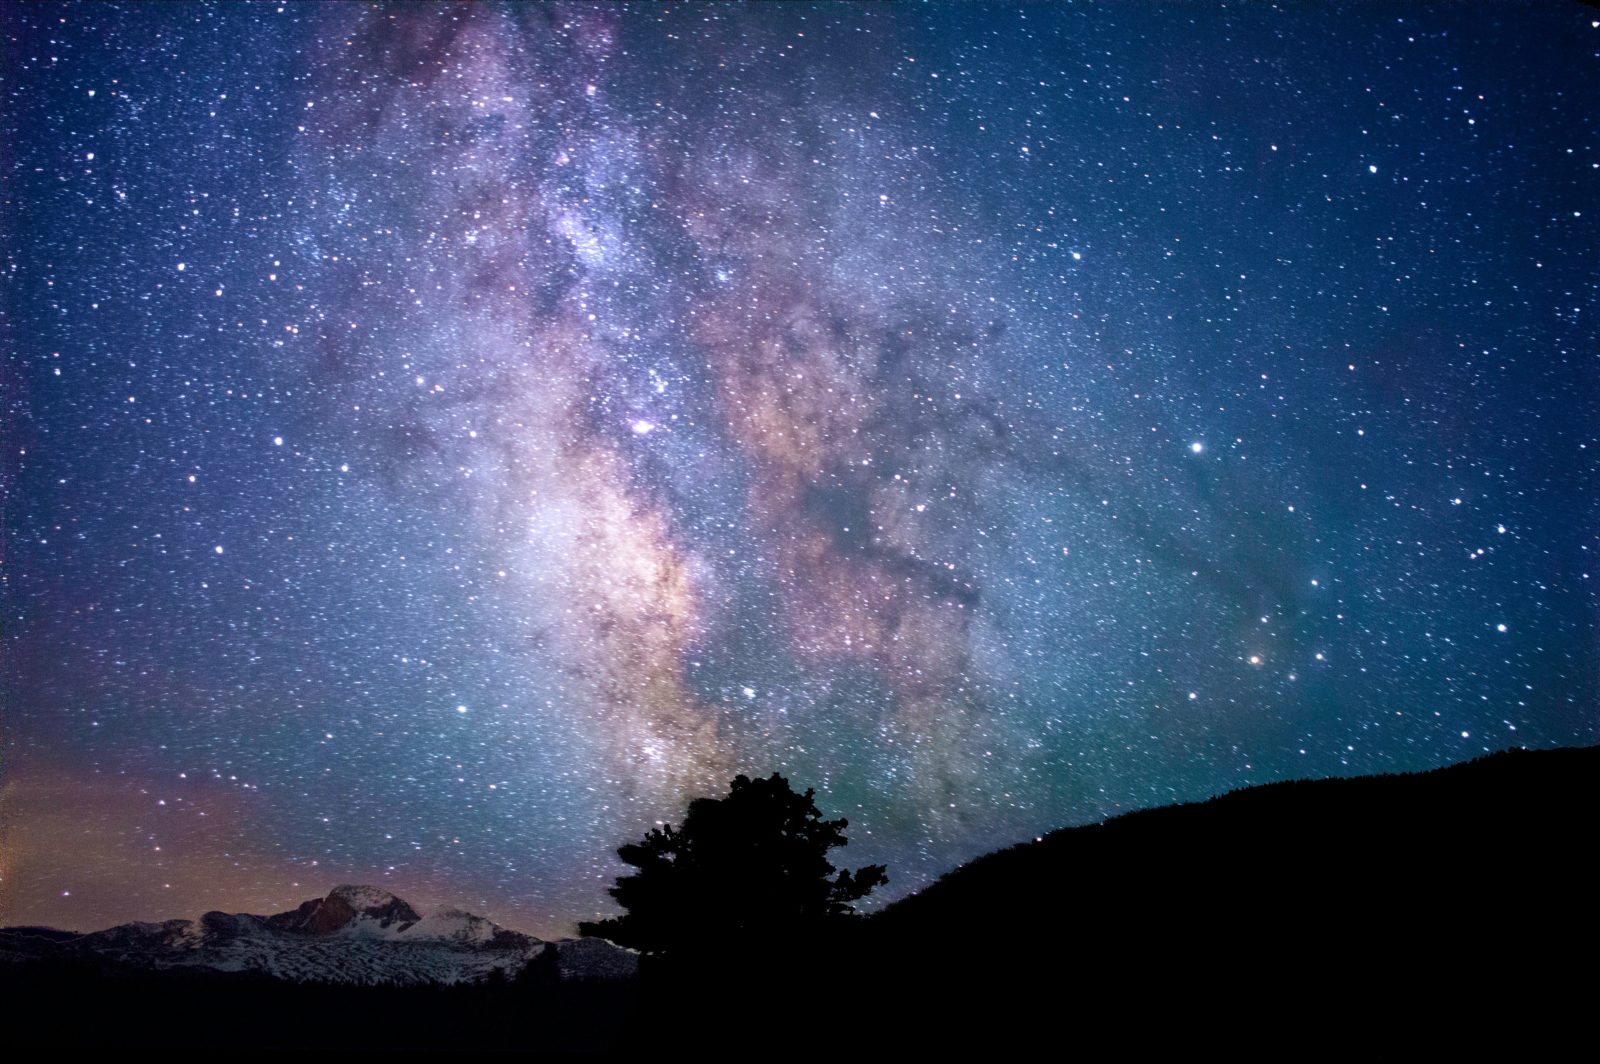 声が醸し出す無限の安らぎと魅惑 To the Field of Stars〜グラーデン指揮・聖ヤコブ室内合唱団